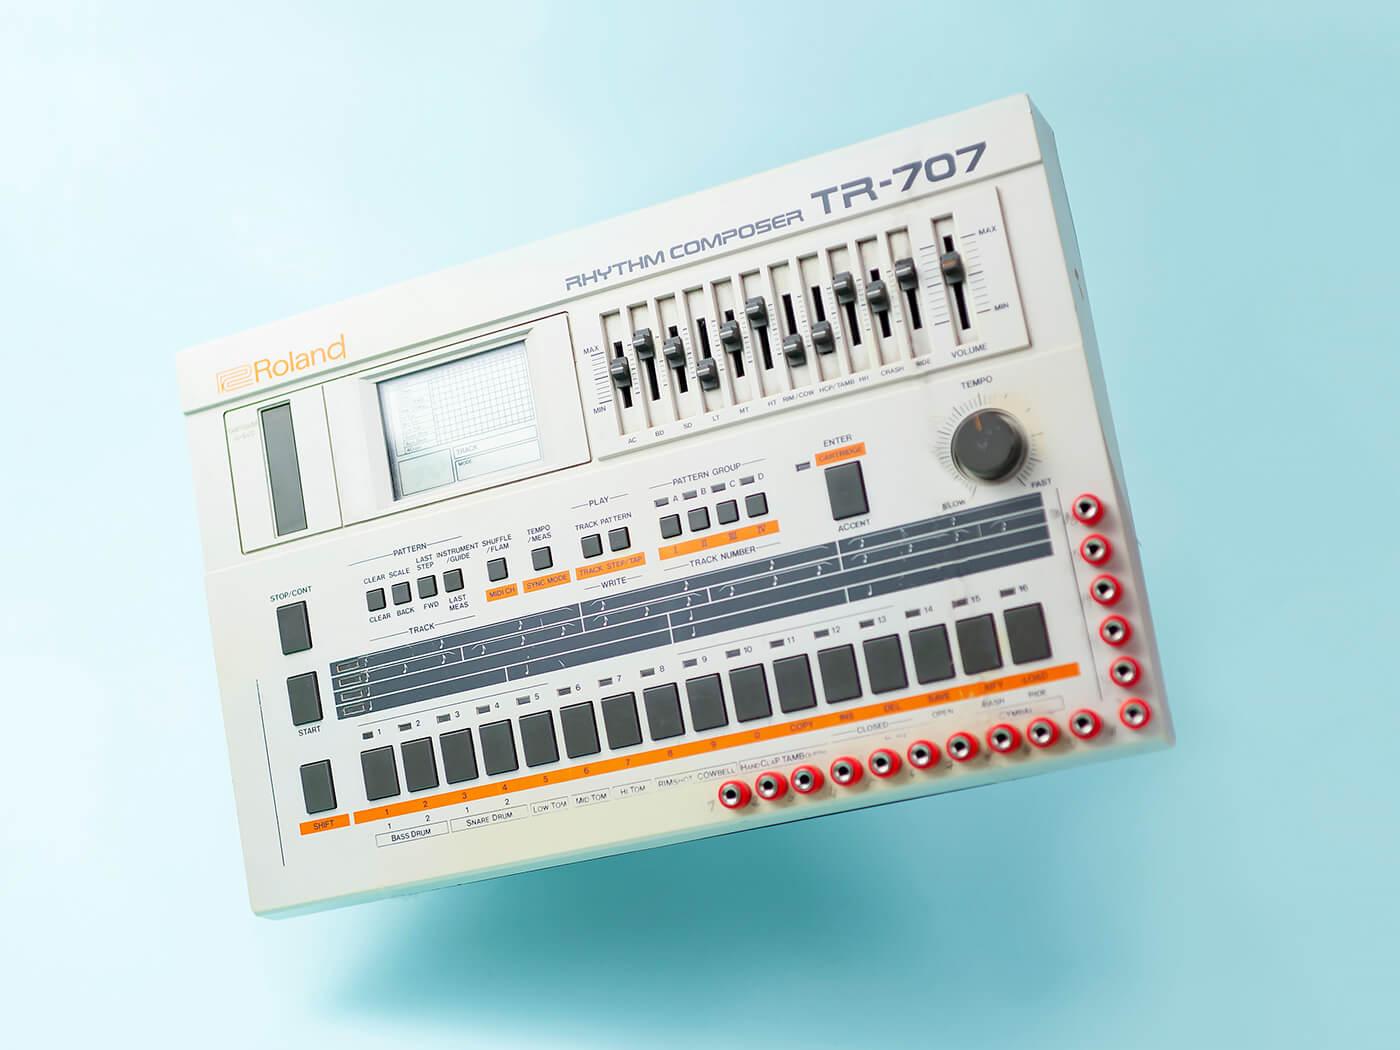 Roland TR-707, history of drum machine